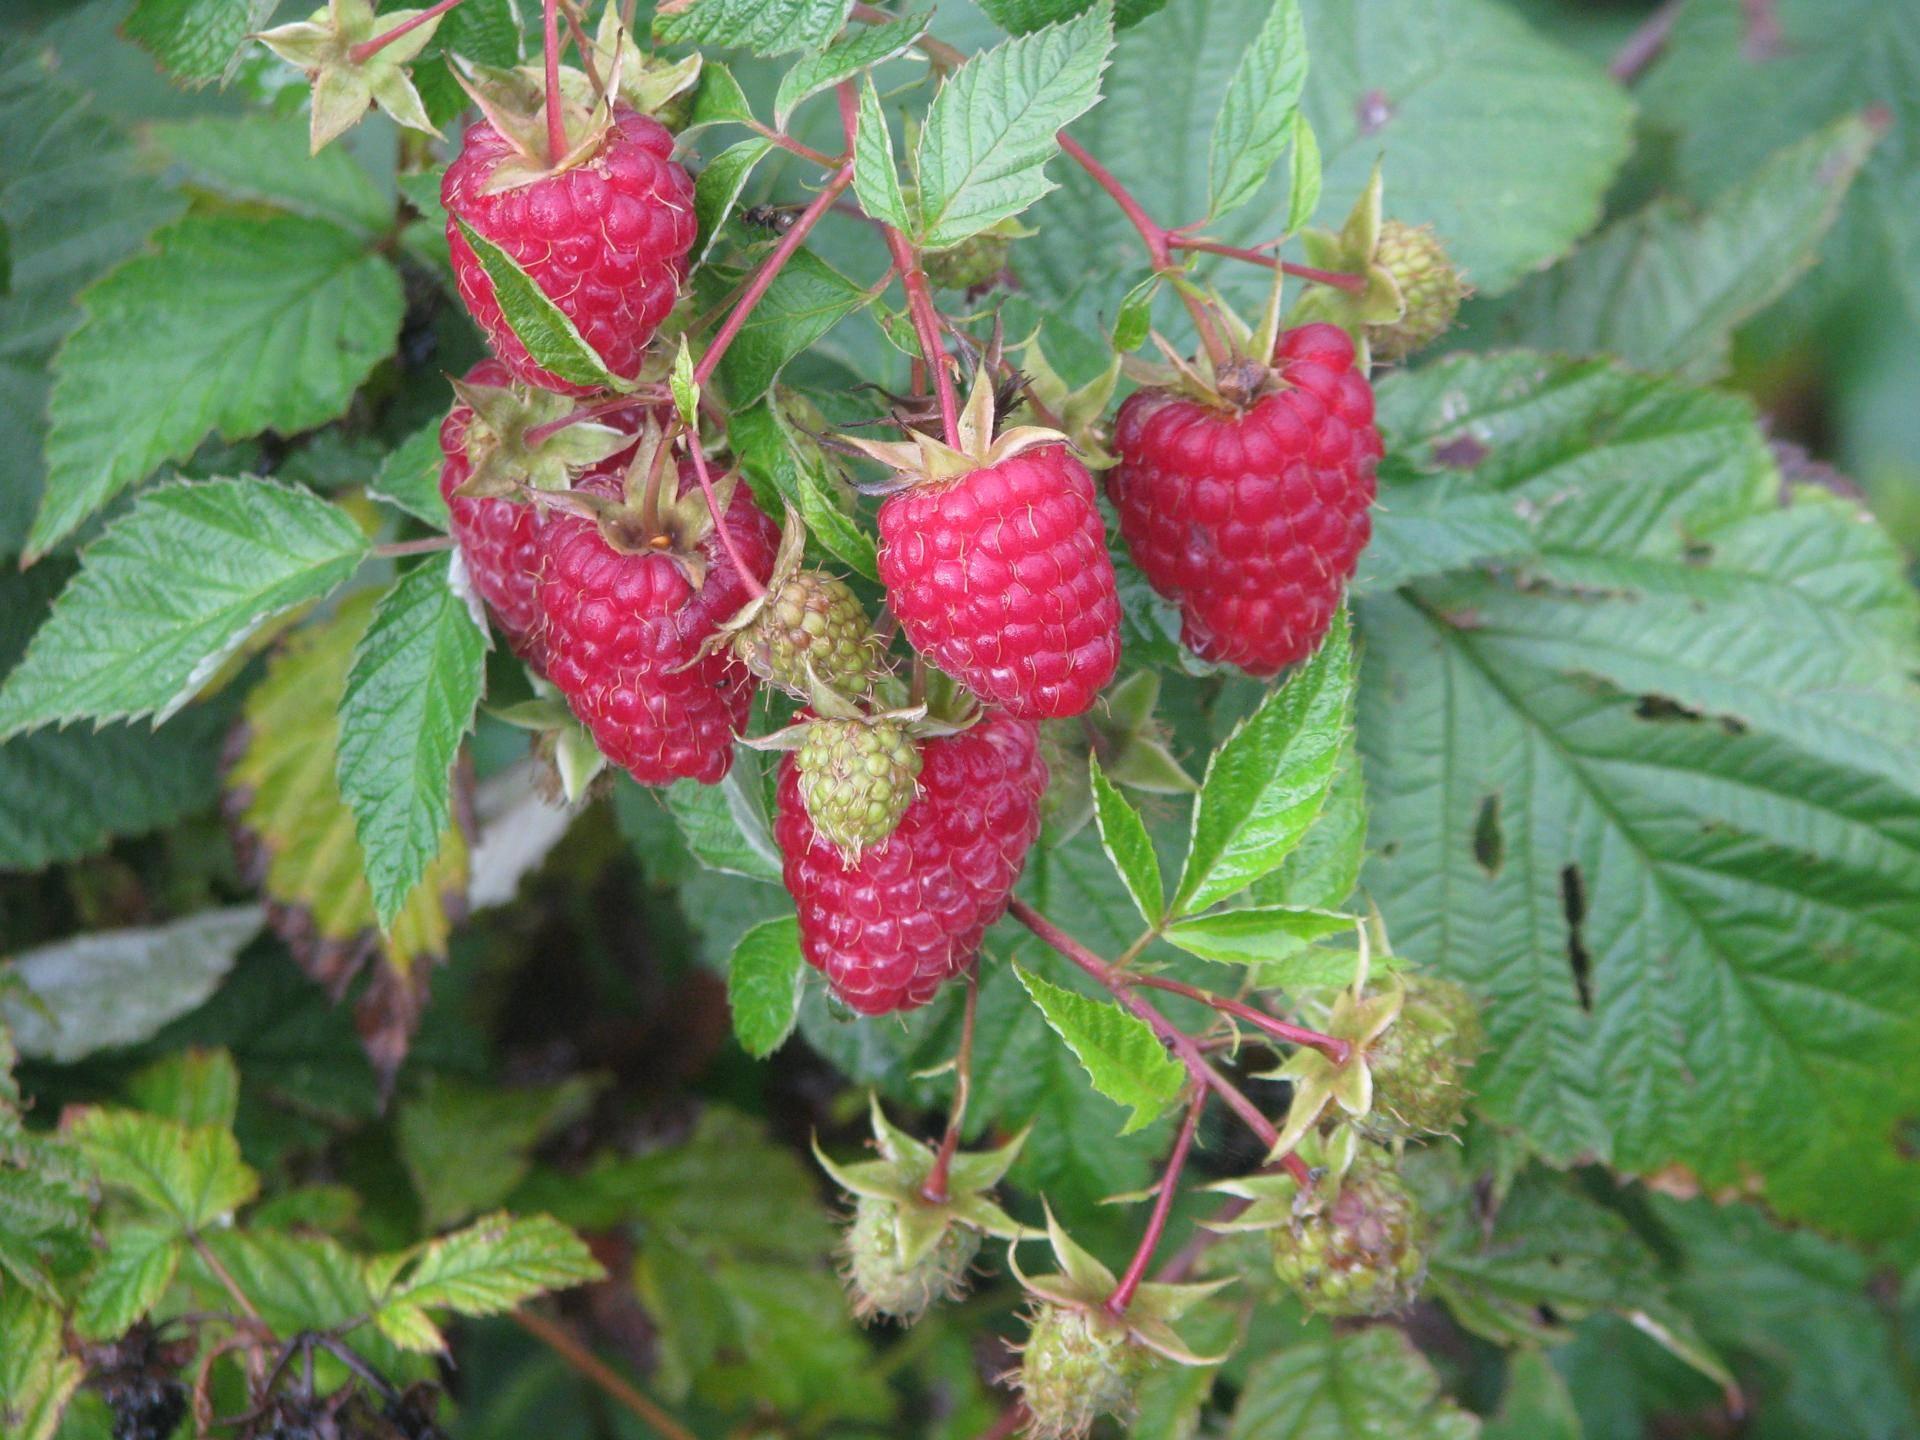 Описание малины сорта «карамелька»: характеристики, фото и отзывы садоводов